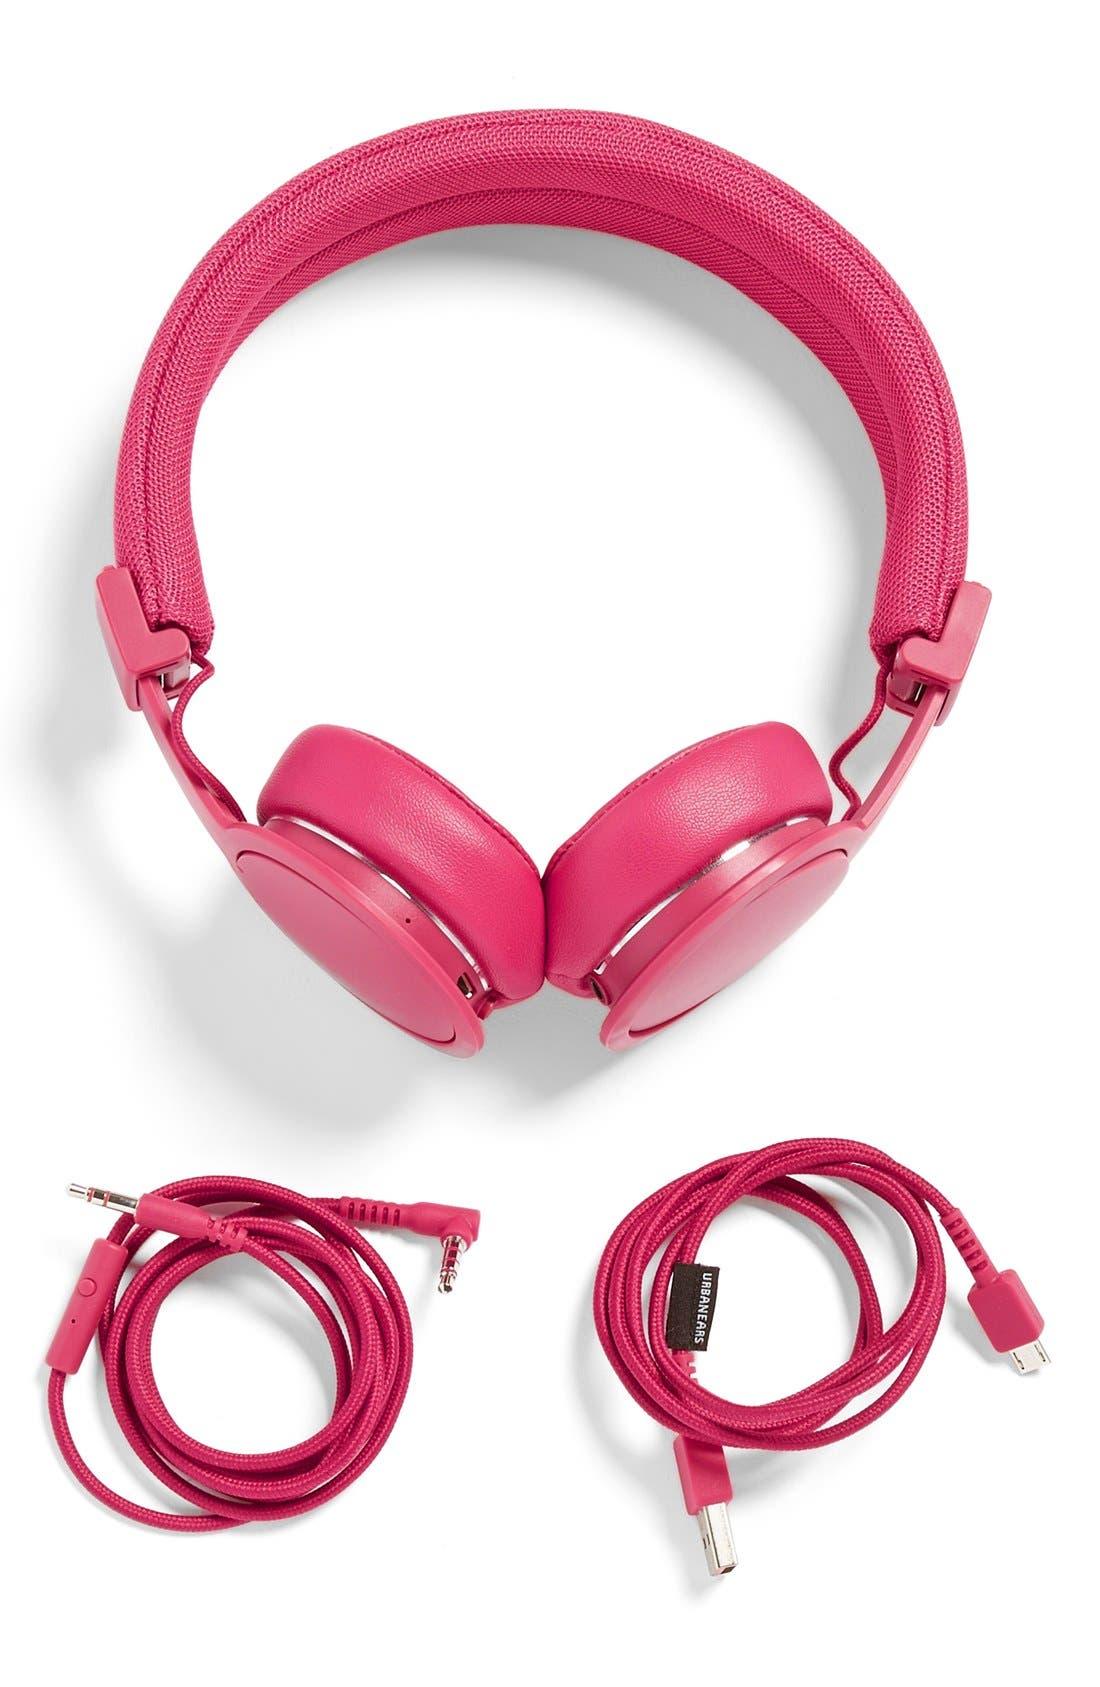 Urbanears White Headphones Earbuds Nordstrom Plattan Ii Powder Pink